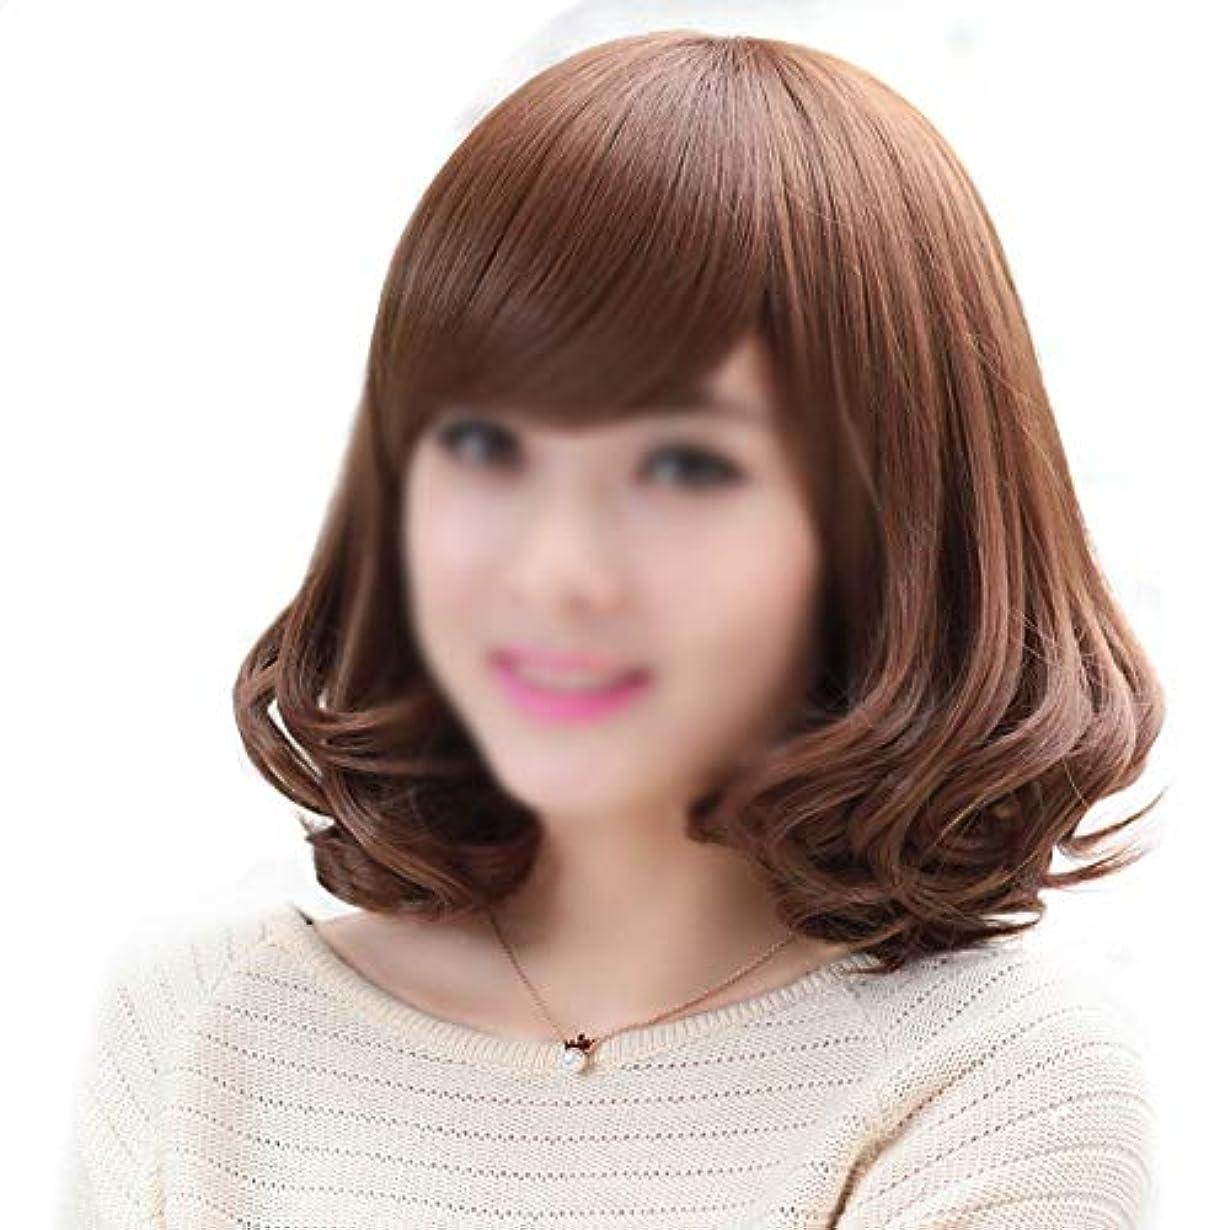 ウォーターフロント通行人賢明なWASAIO ウィッグキャップと女性の短い巻き毛のかつら、30 cm (色 : ブラウン)